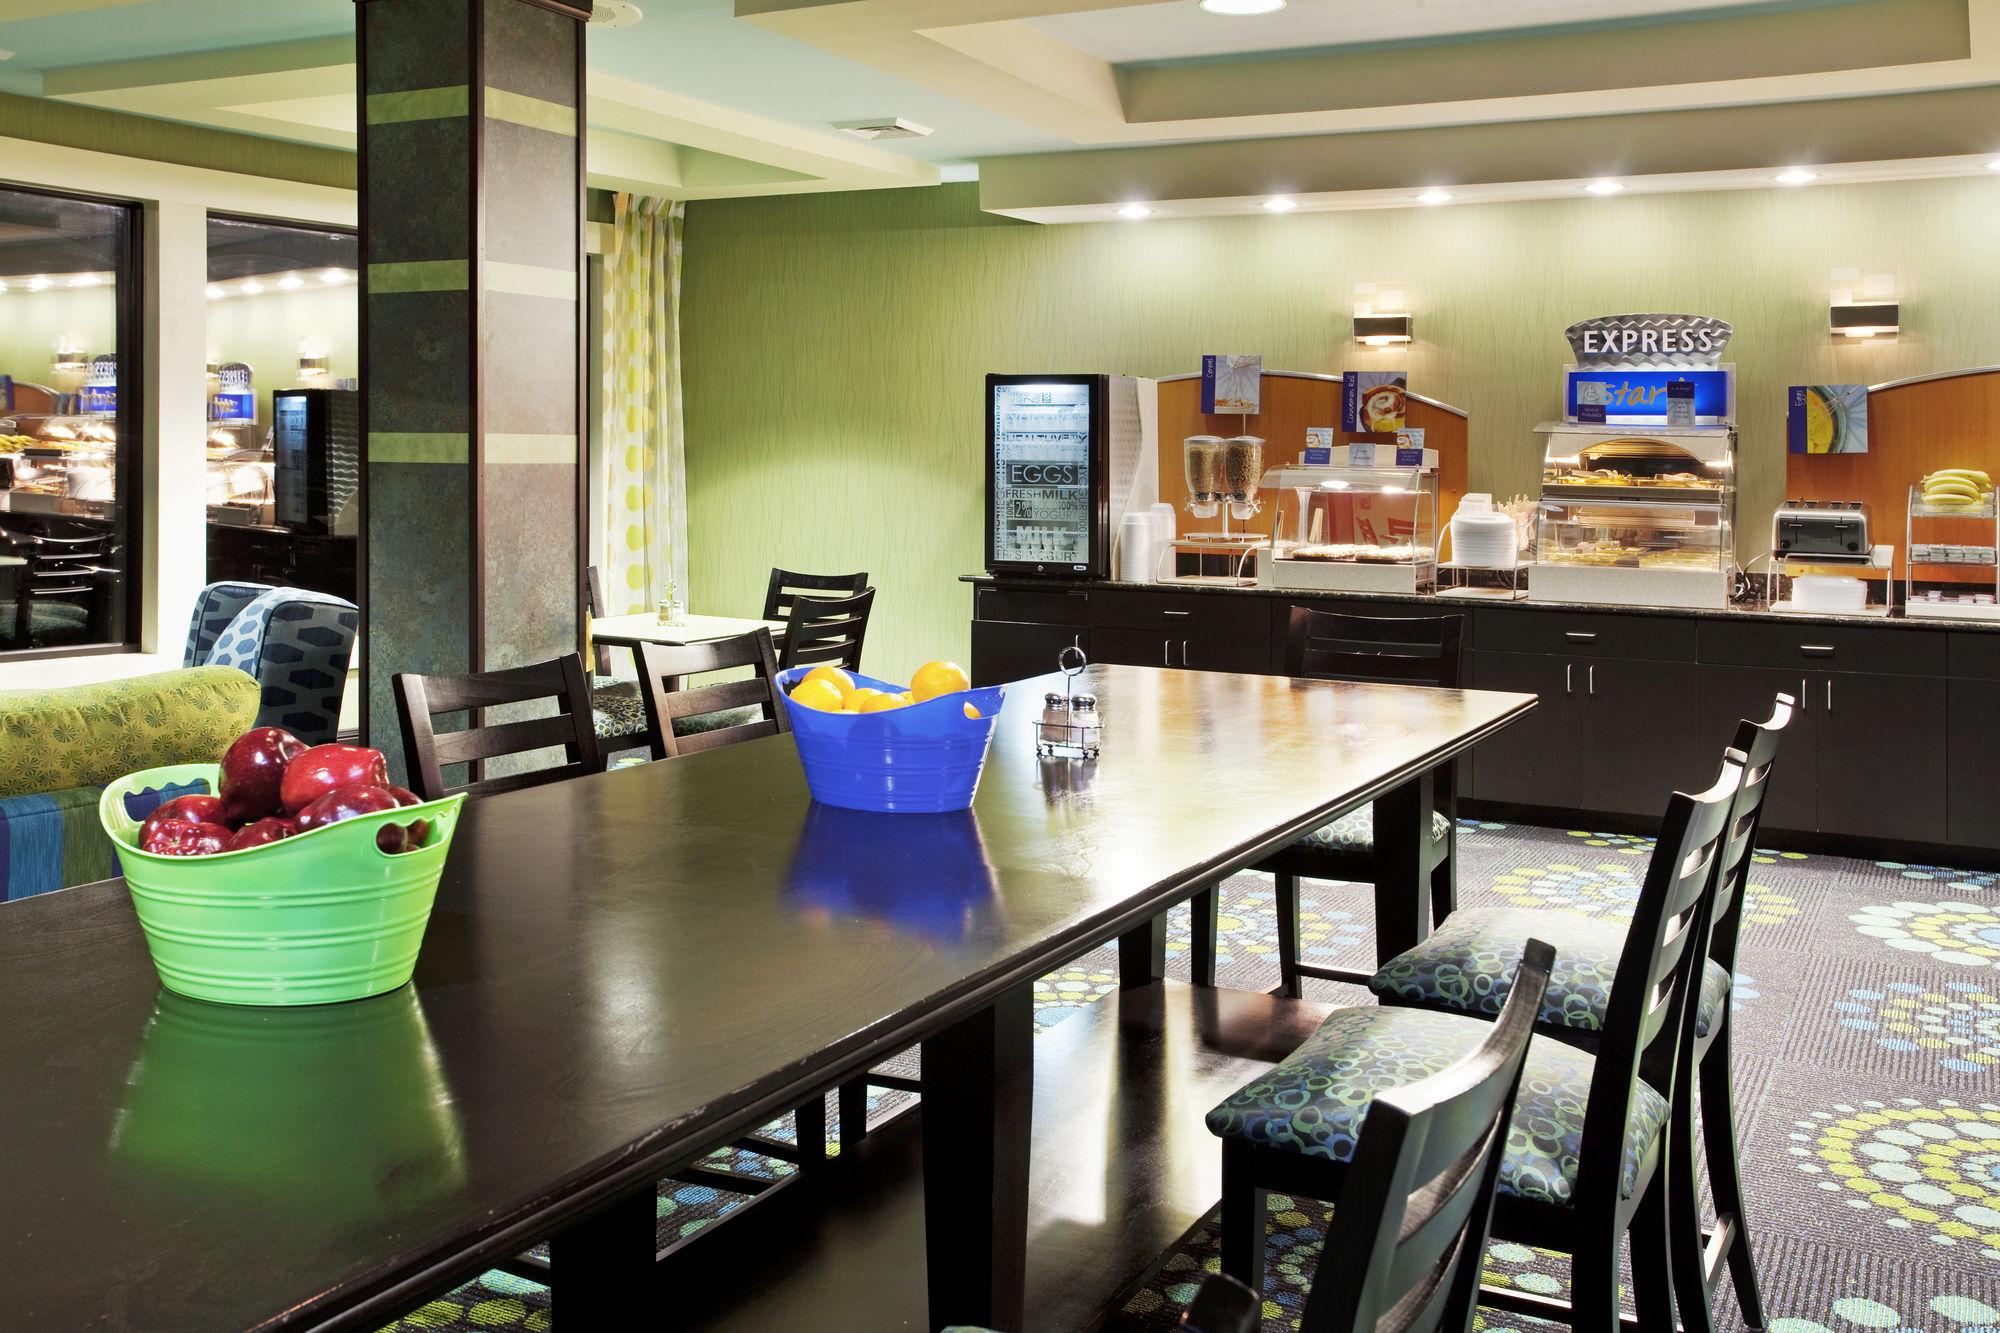 Holiday Inn Express & Suites in Salem, VA